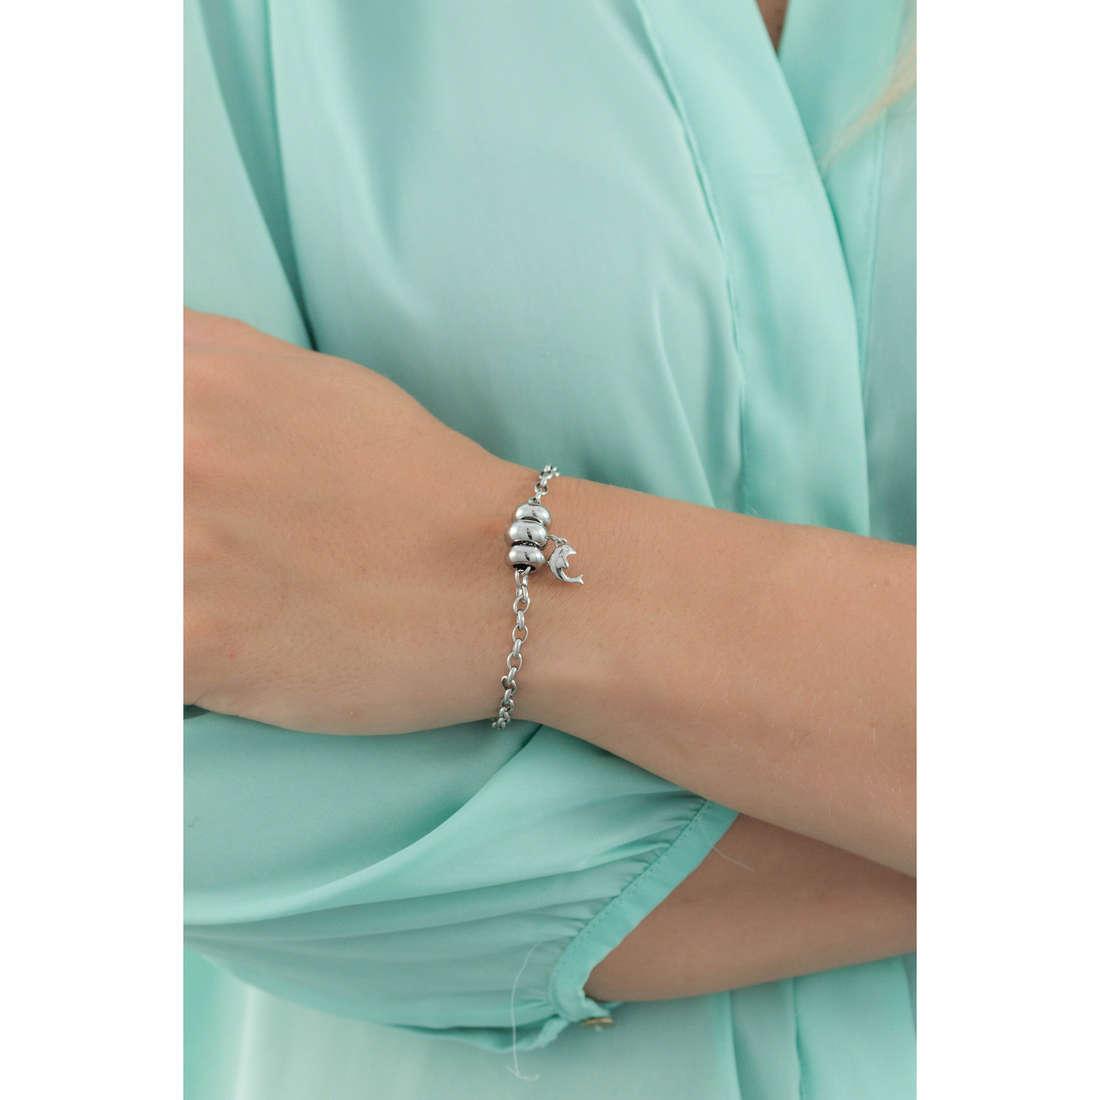 Morellato bracciali Drops donna SCZ721 indosso